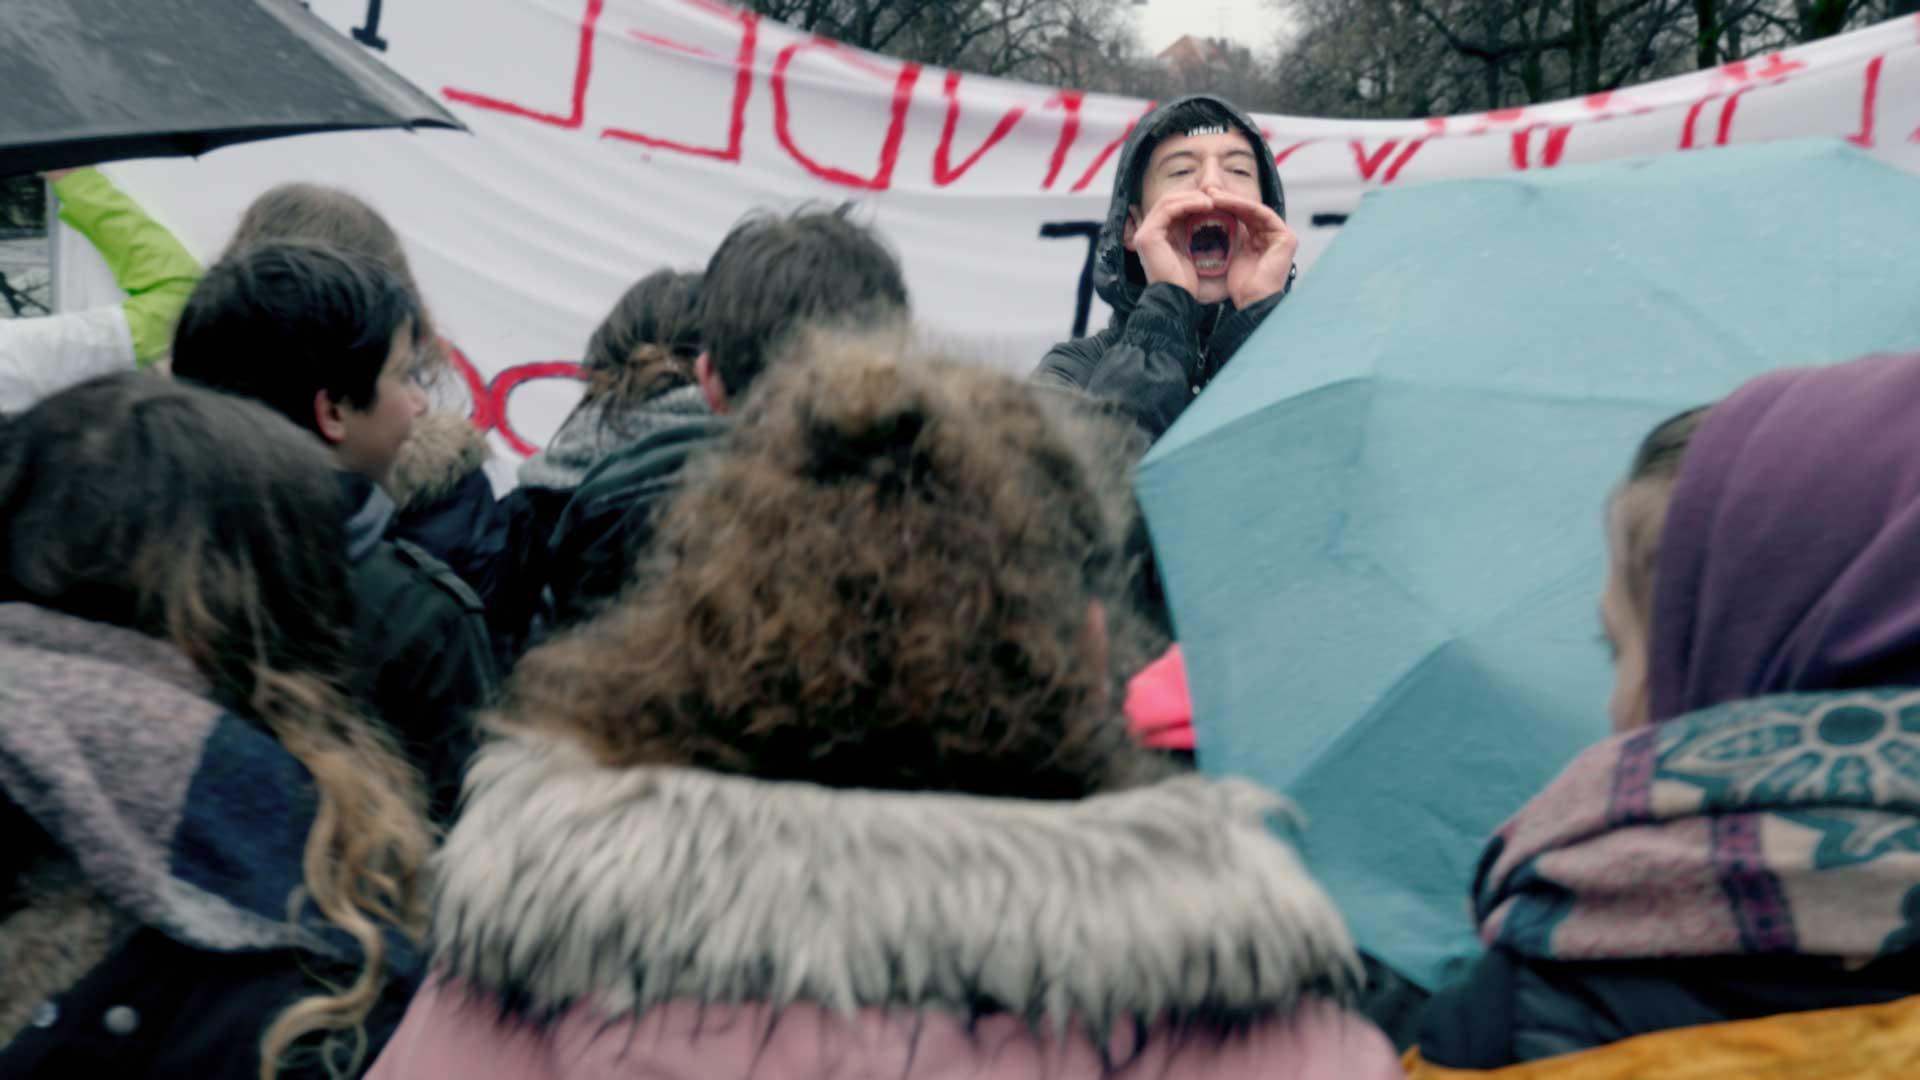 jungendlicher Aktivist skandiert bei einer fridays for future Demo